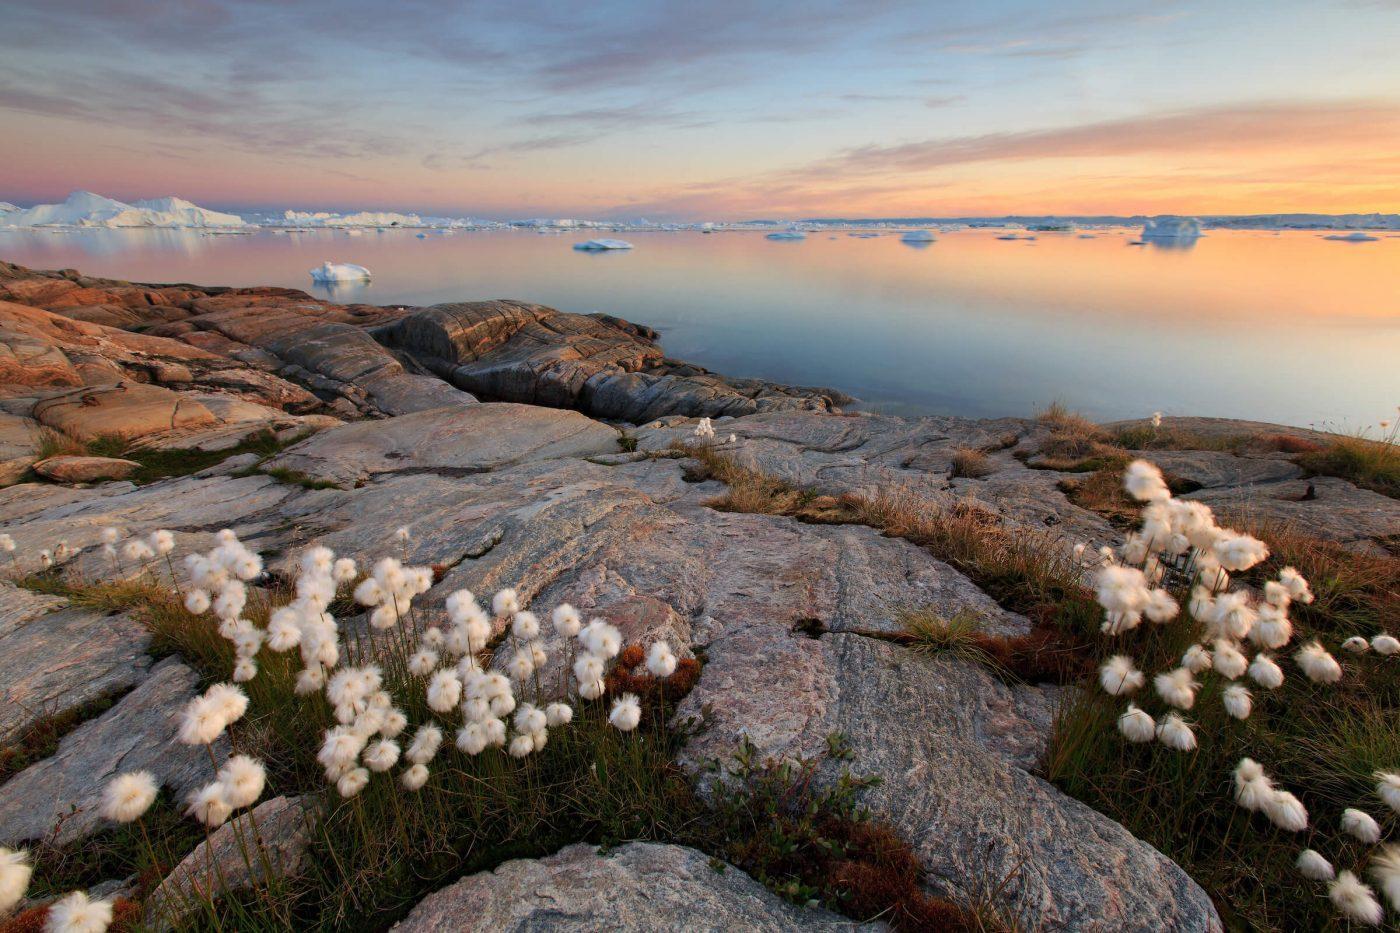 Beach cliffs in Ilulissat. By Iurie Belegurschi